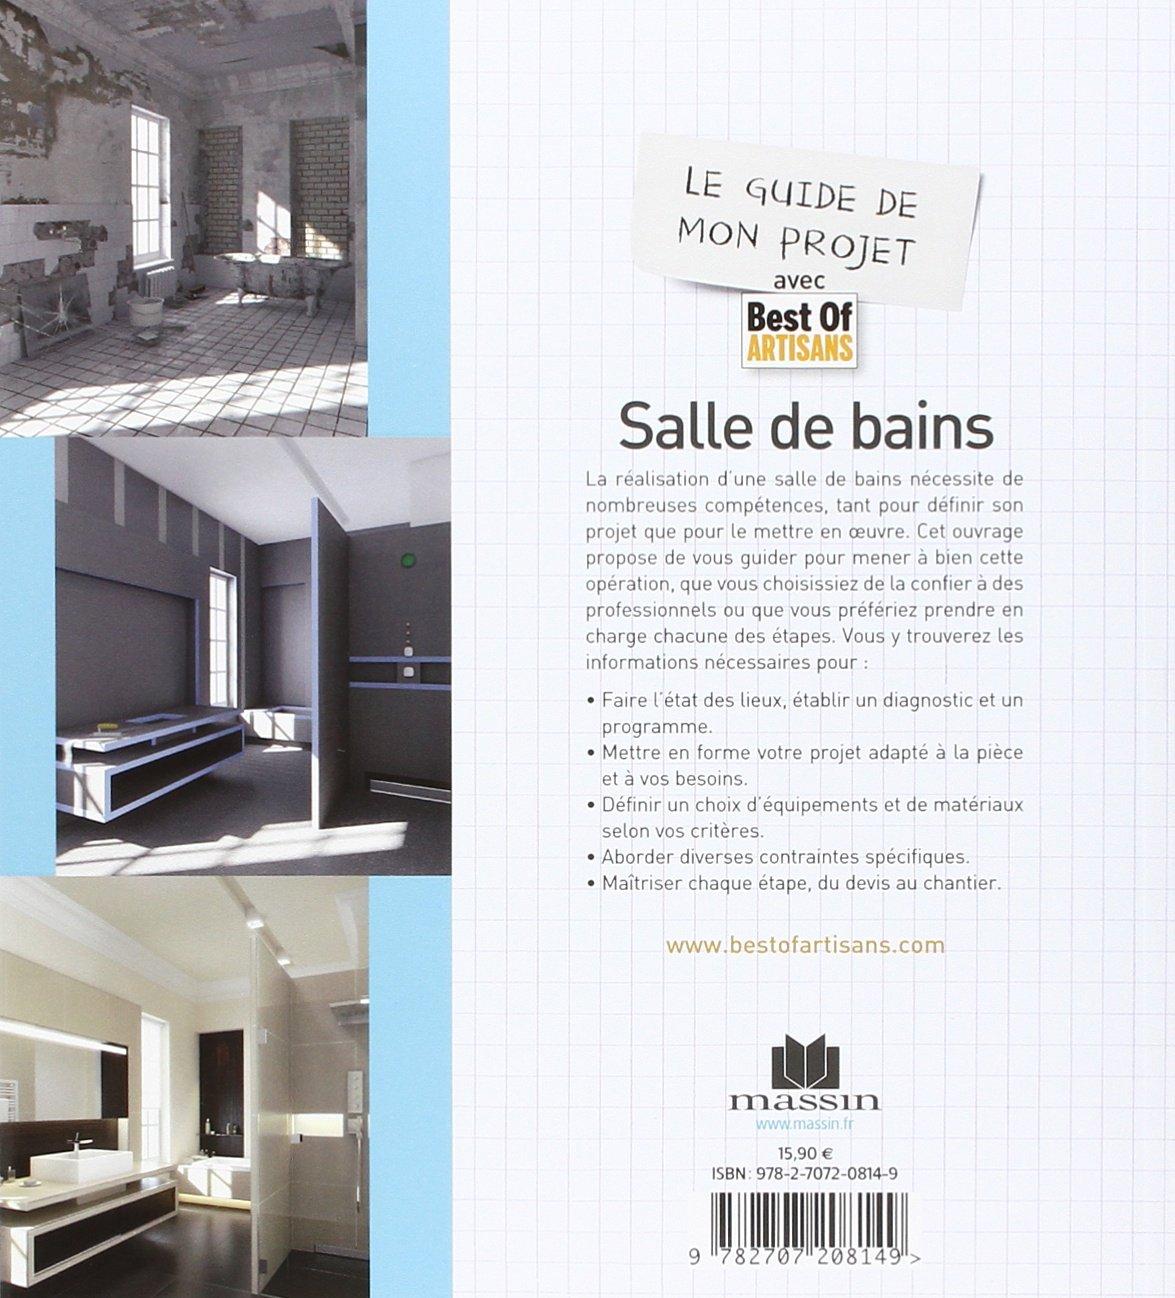 Devis Salle De Bain Artisan ~ amazon fr le guide de mon projet salle de bains plans devis